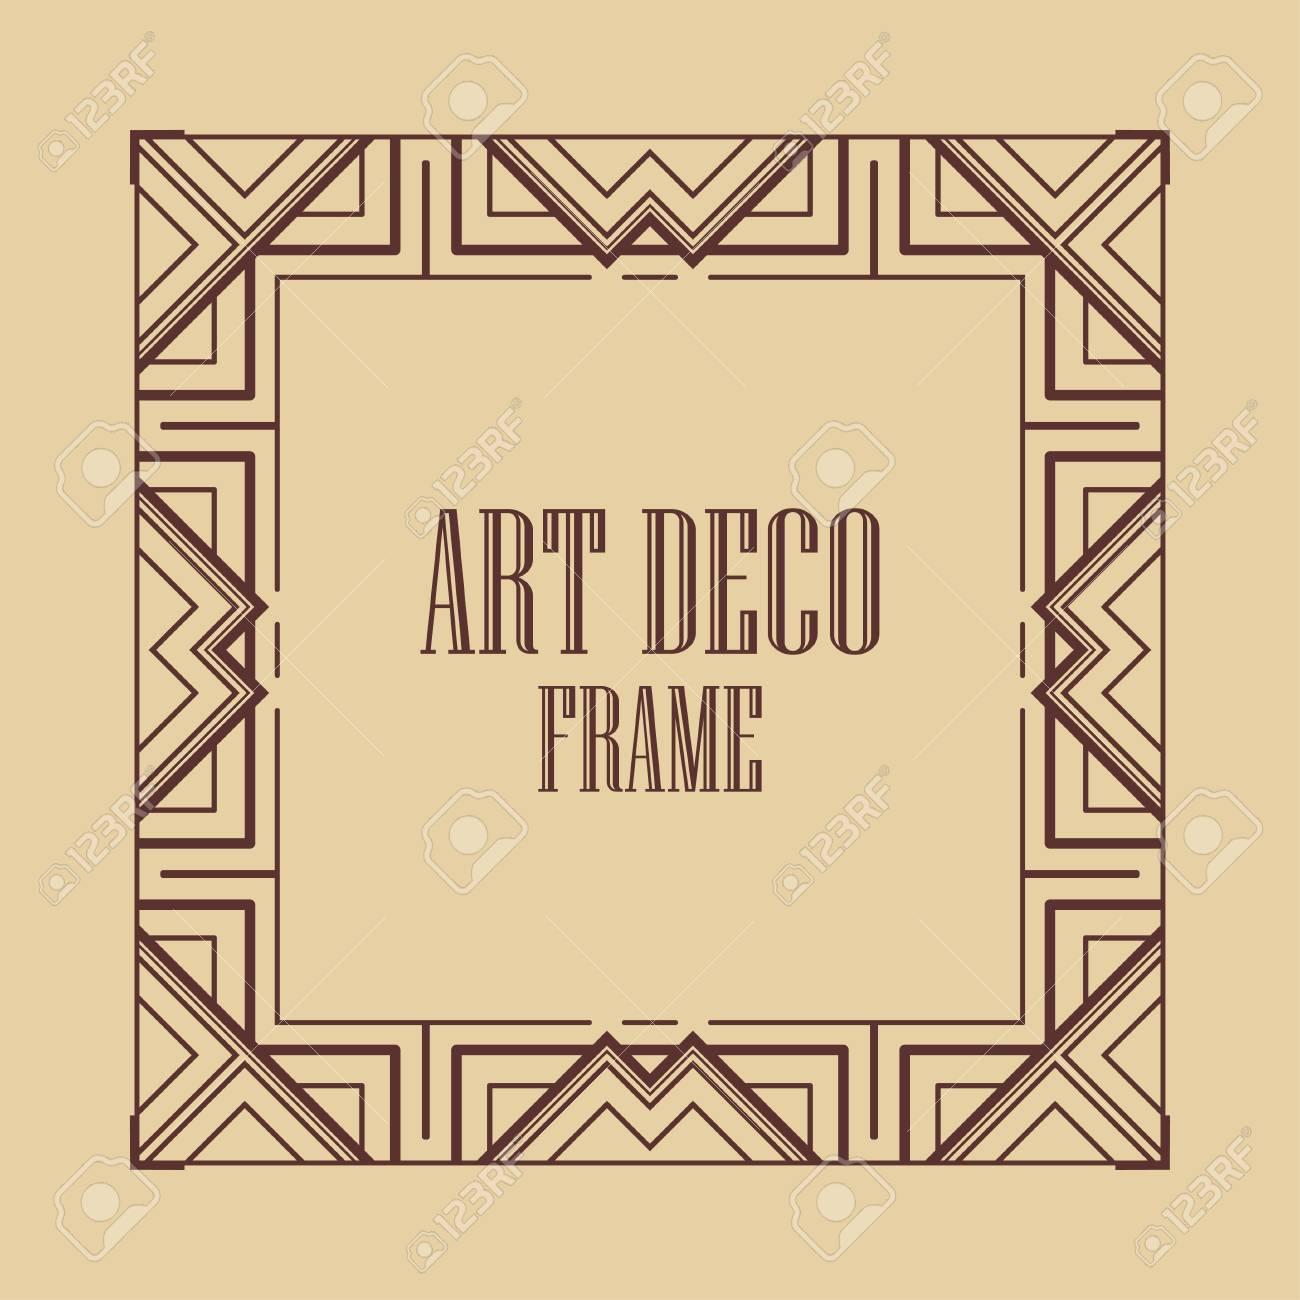 Vintage Art Deco Border Frame Template For Design Royalty Vrije